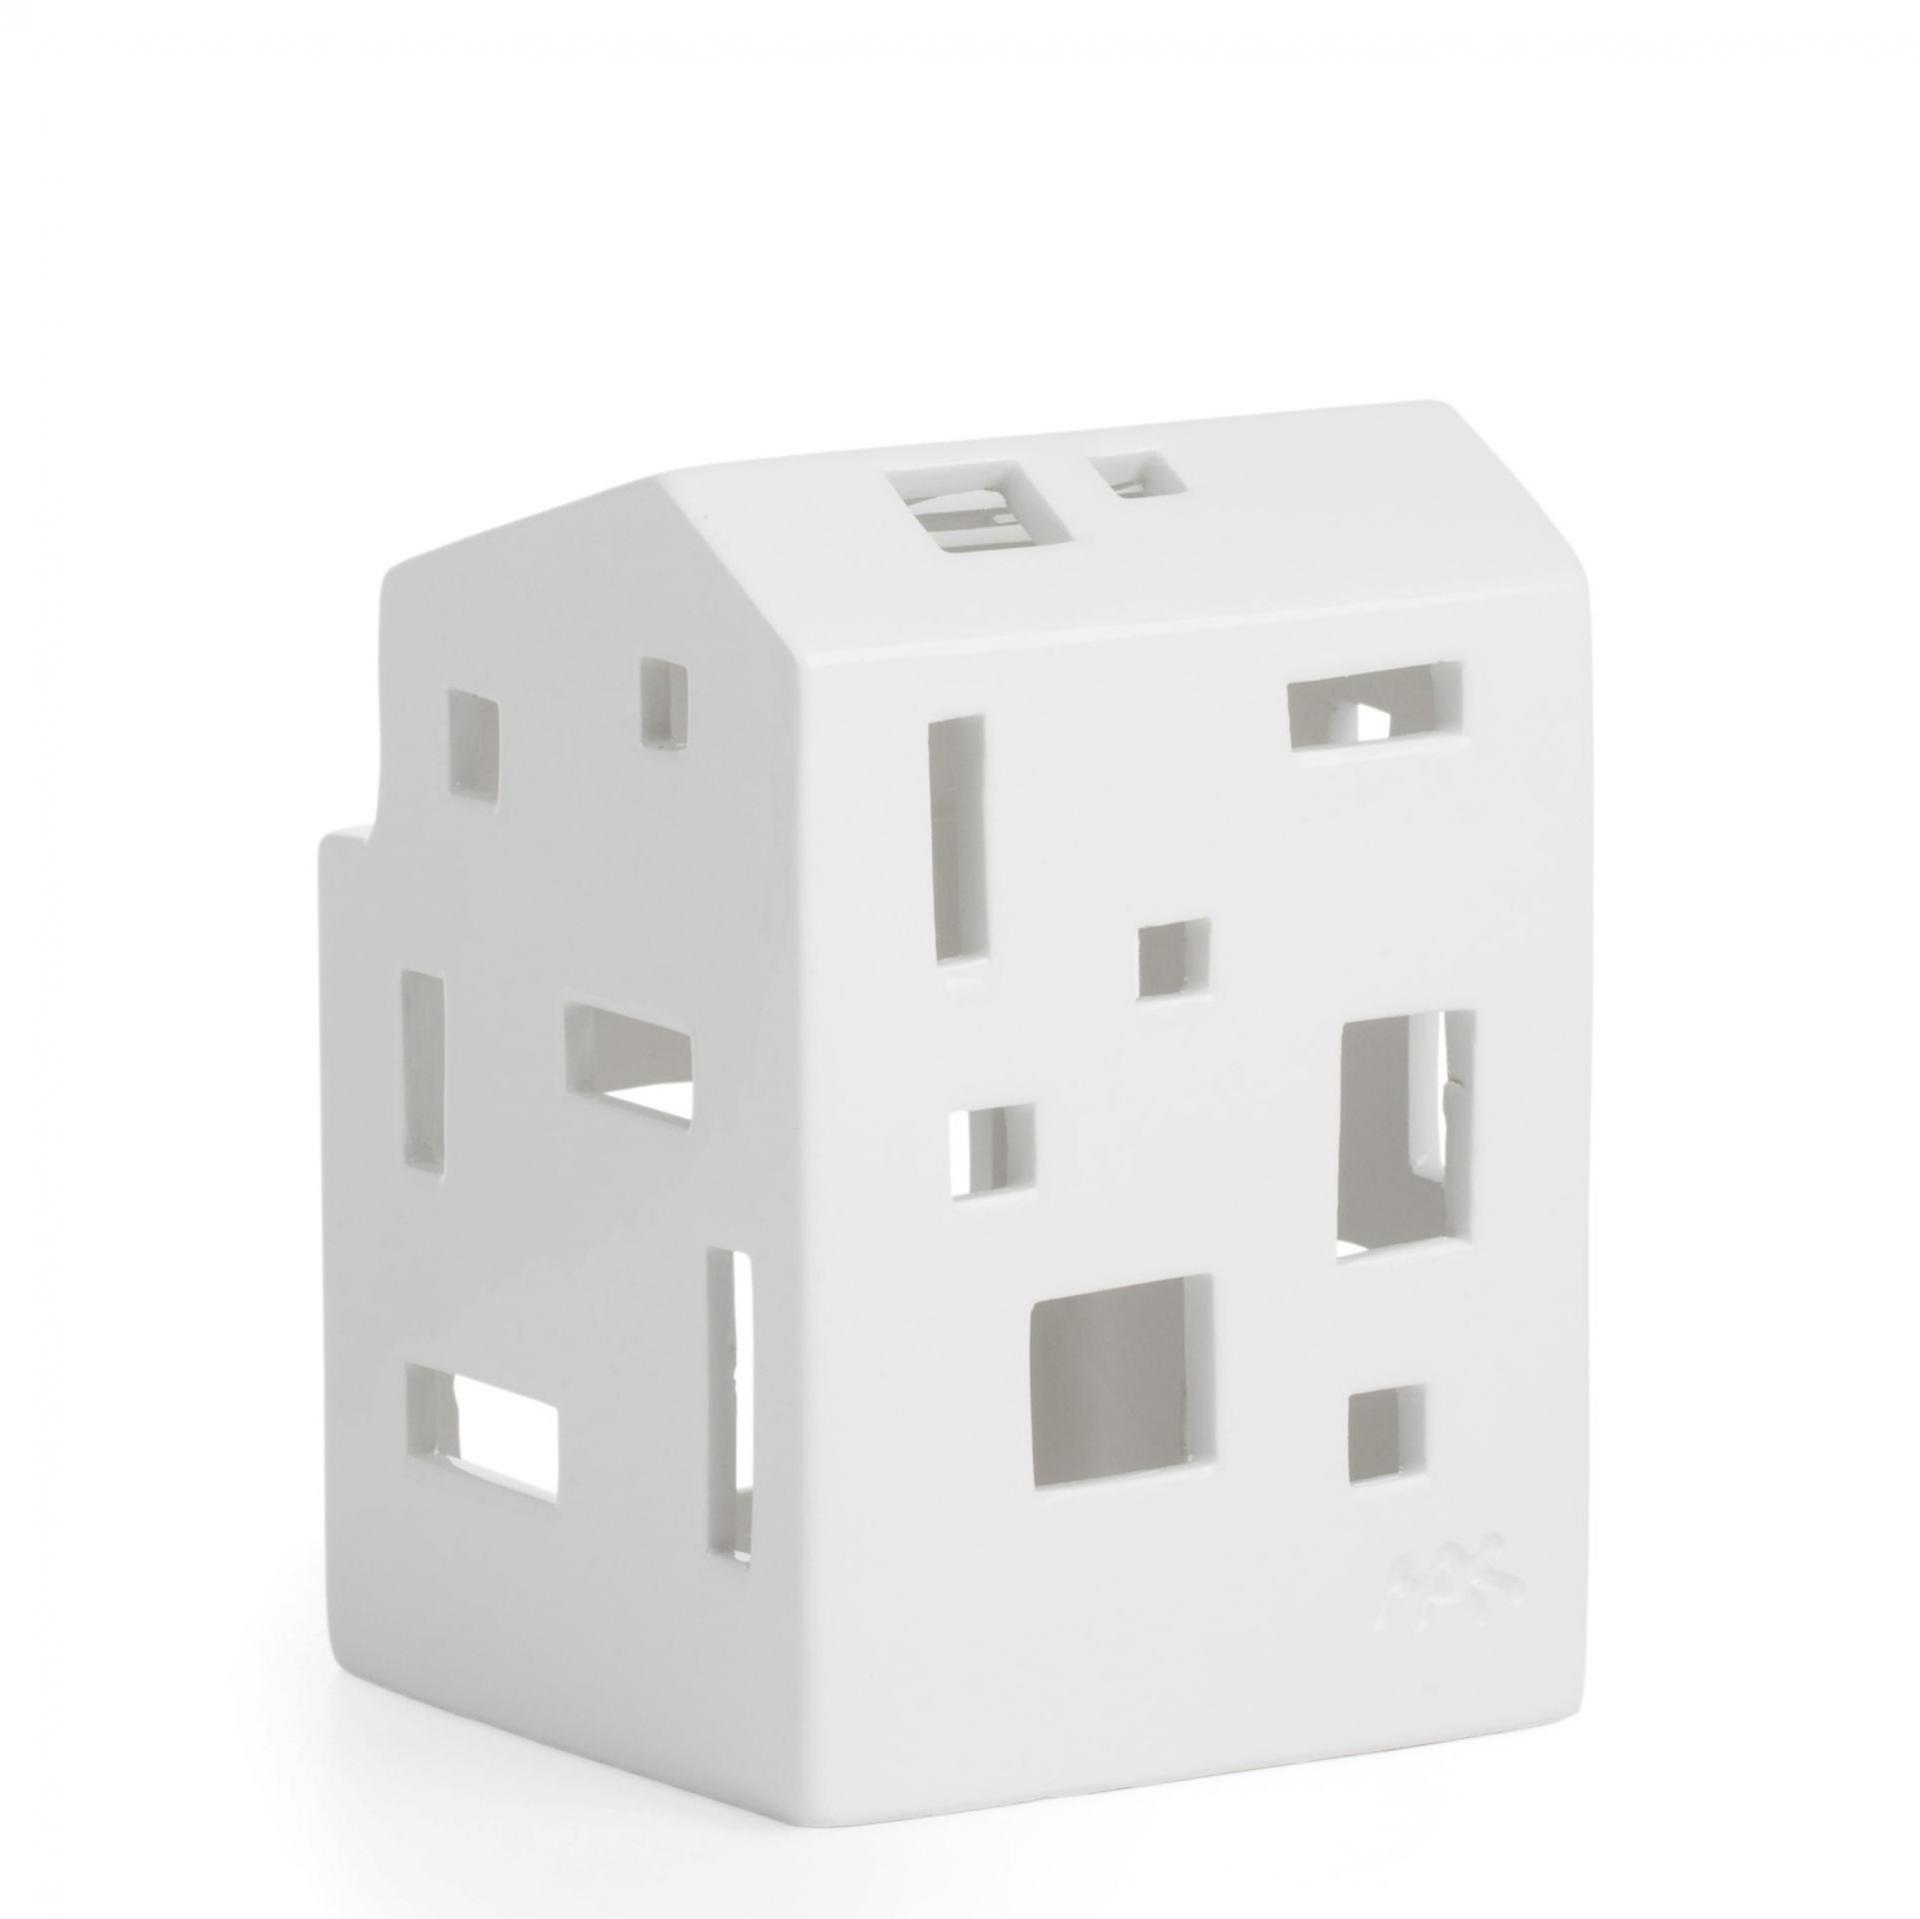 Kähler Lucerna domeček Urbania Light House Moderna 9,5 cm